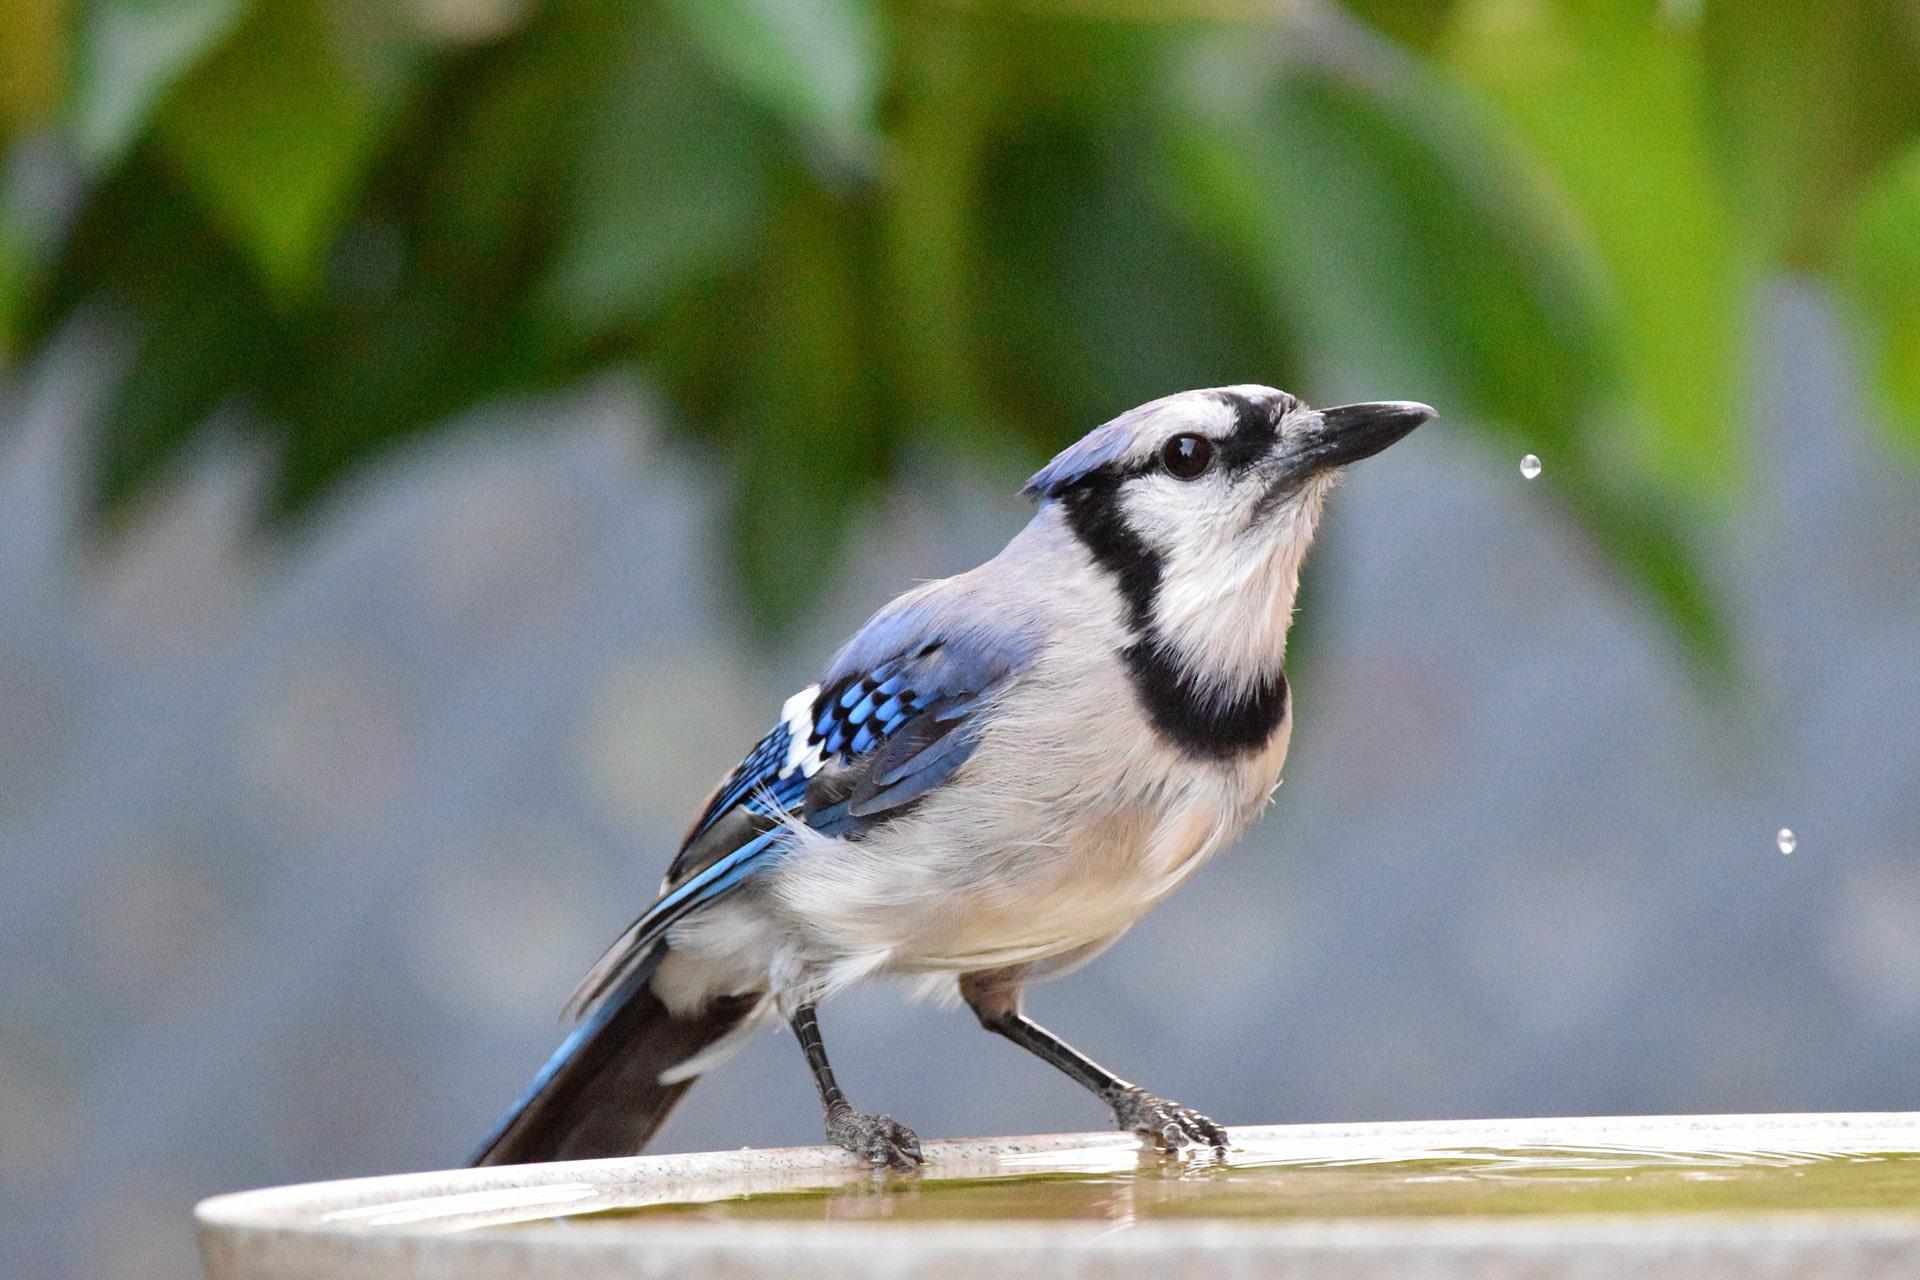 Contribuez à la recherche scientifique en observant les oiseaux par votre fenêtre!